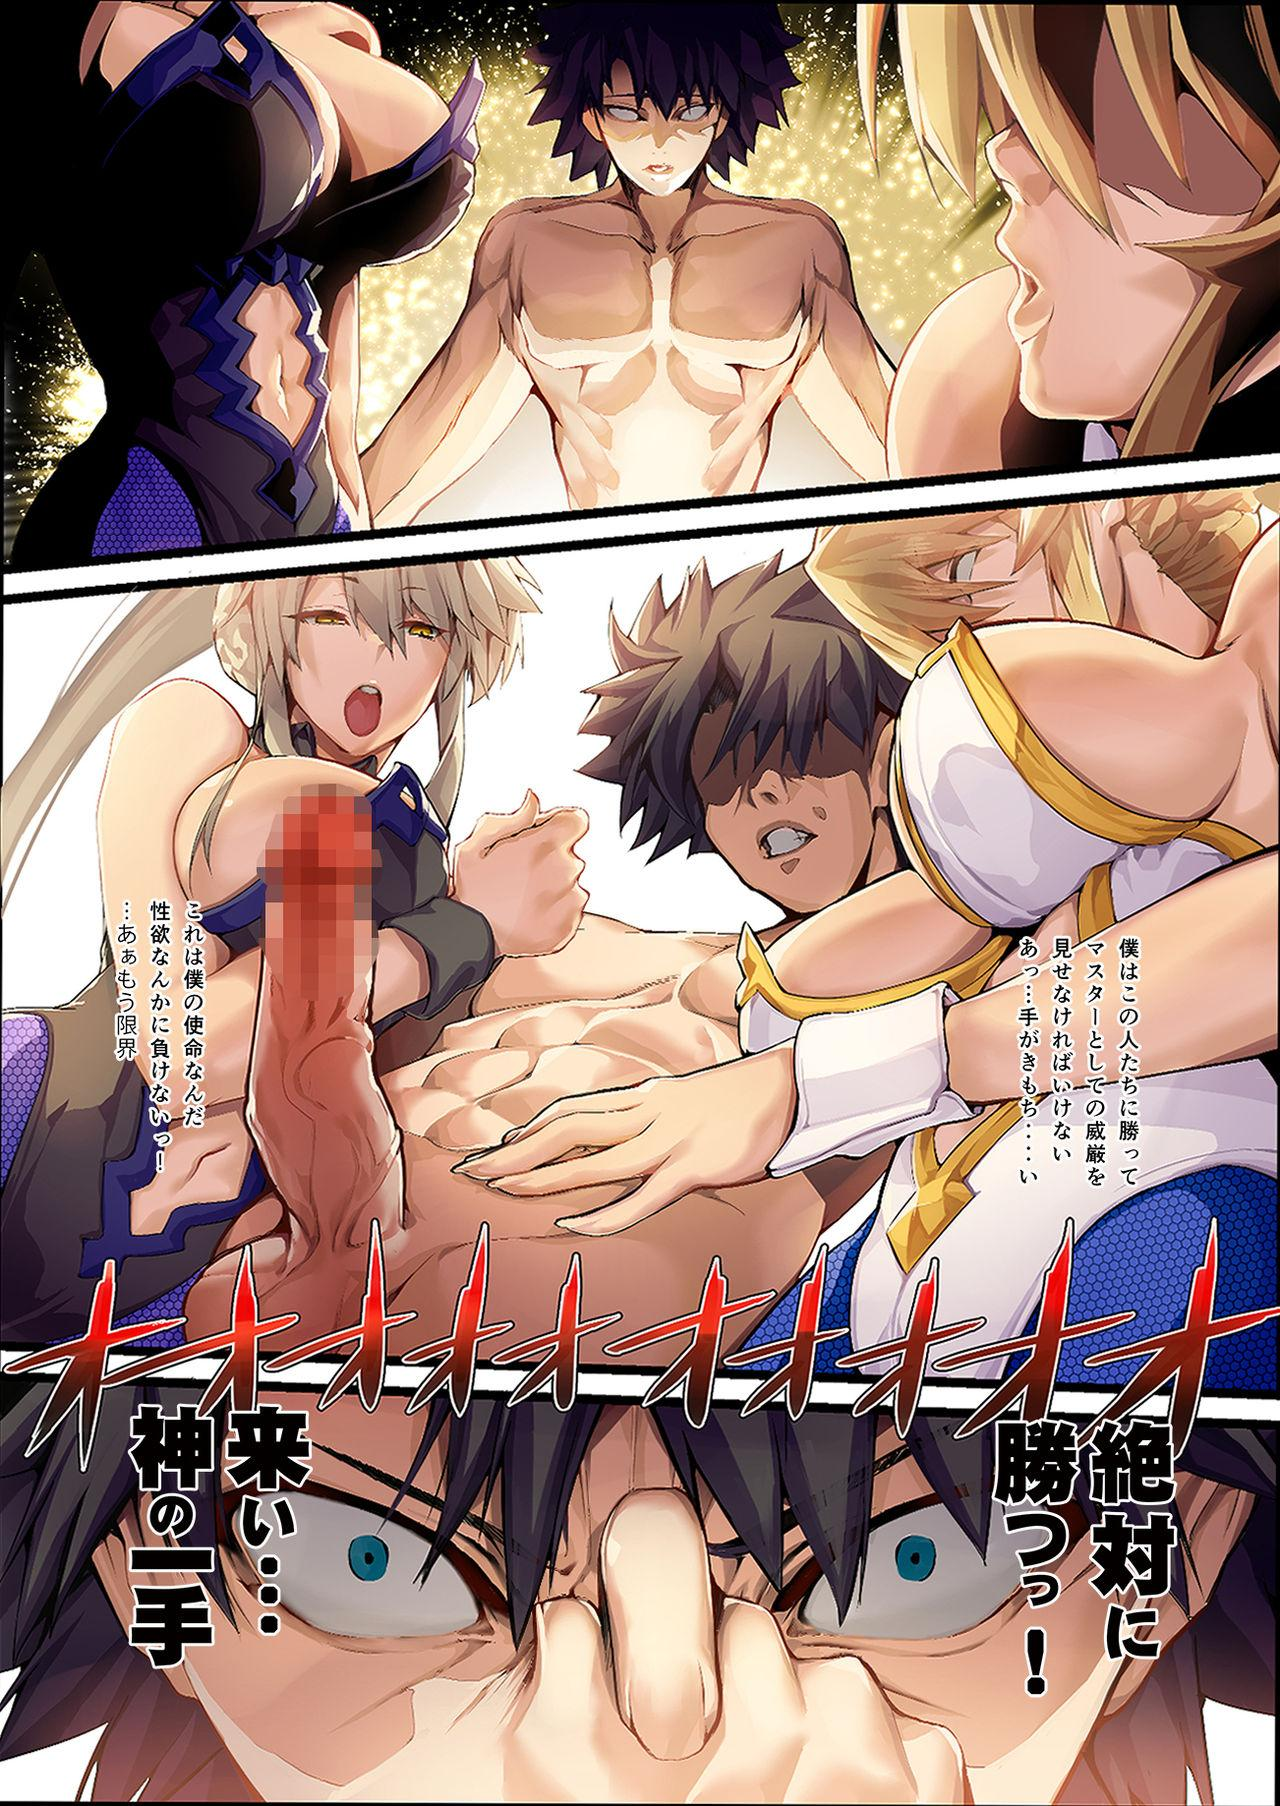 Kinpatsu Bunny to H na Game Shimasu 2&1 23